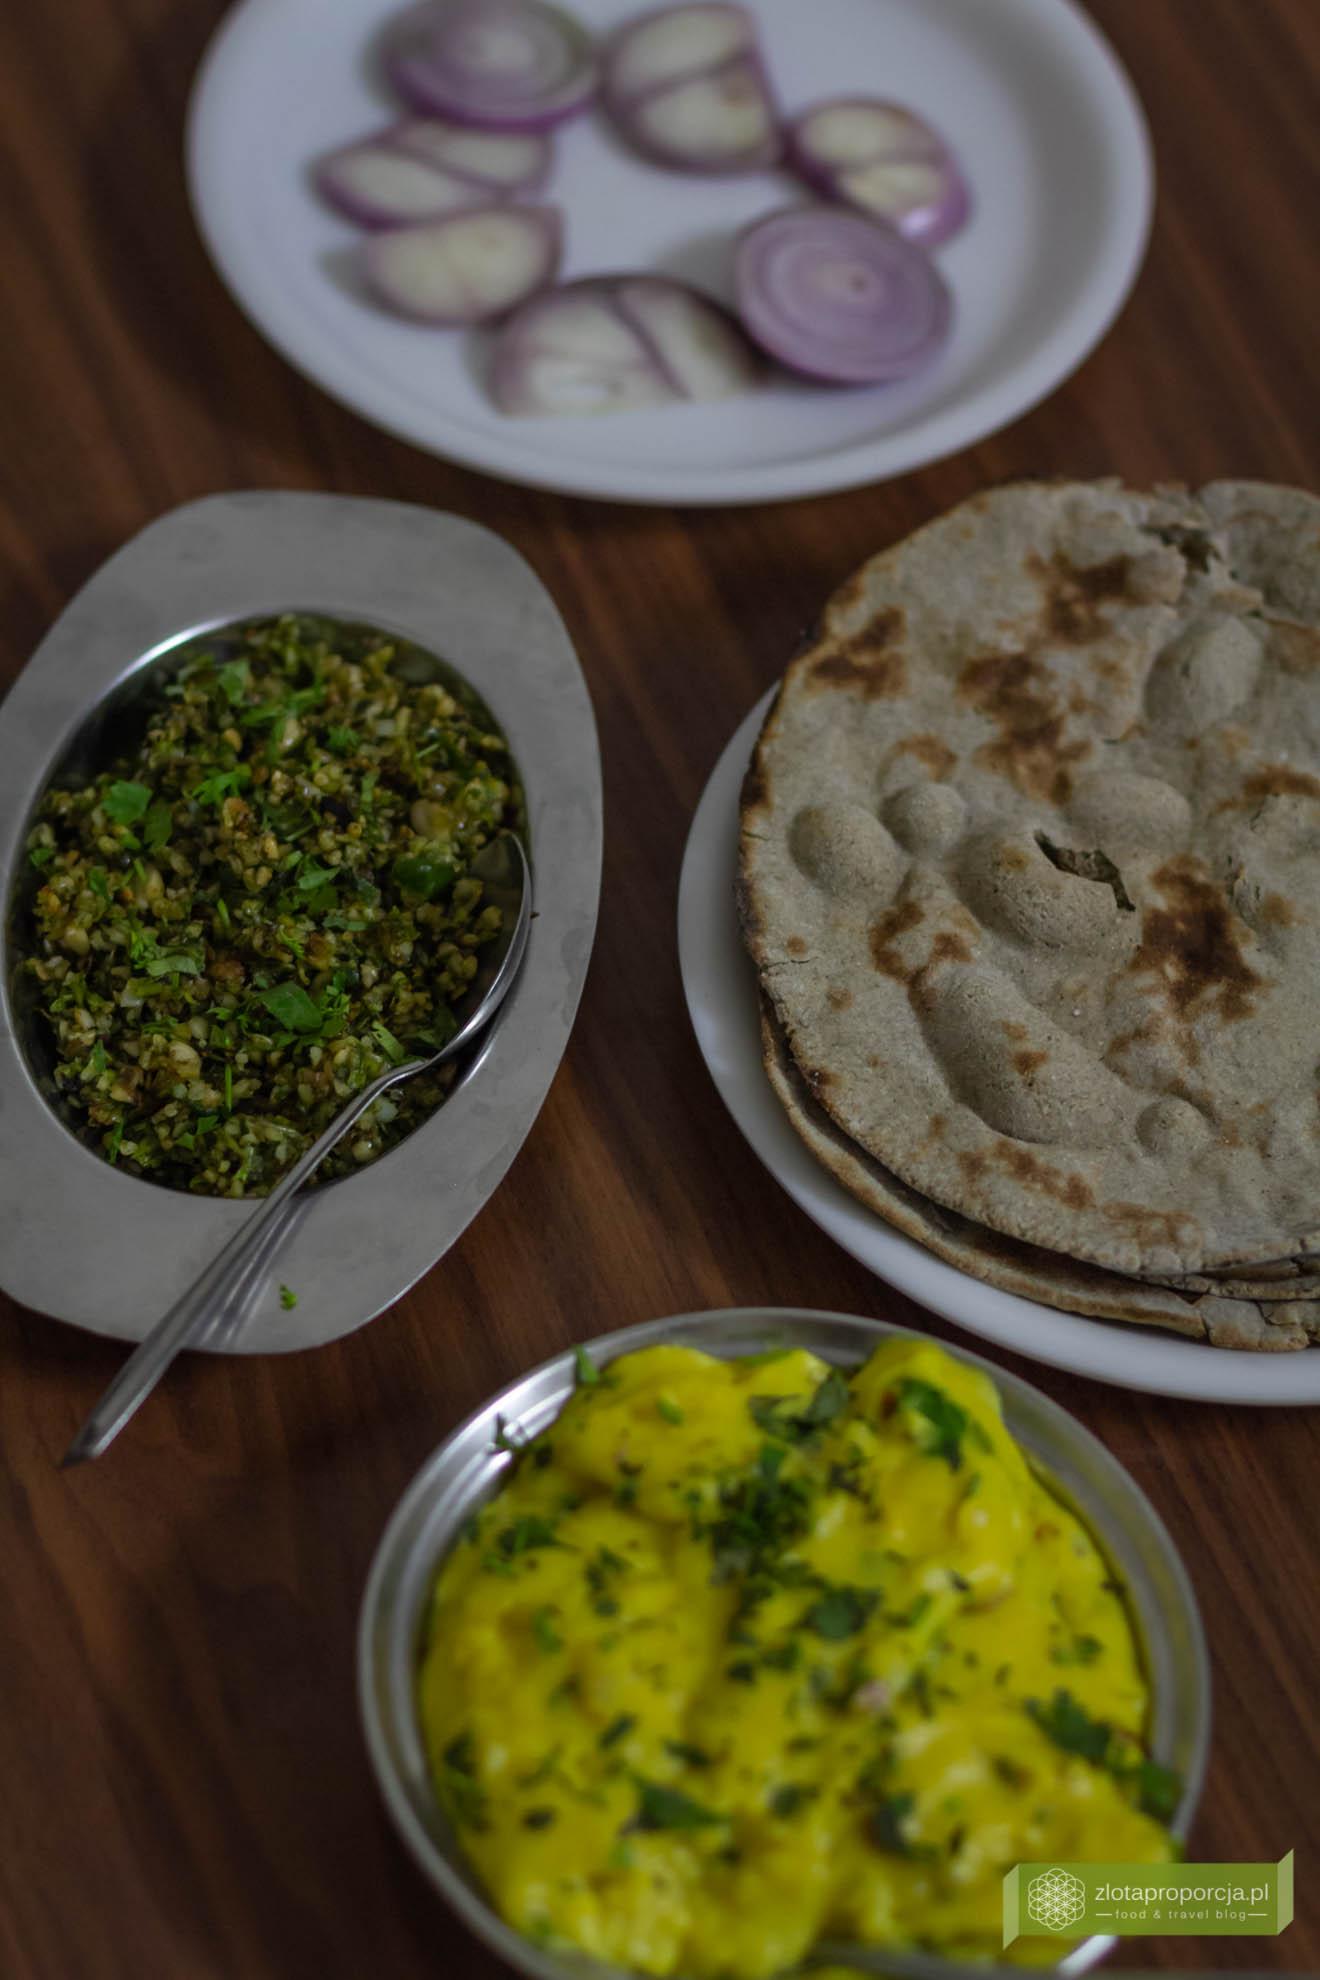 Jak Sie Je W Indiach Wysmienicie Kuchnia Indyjska I Indyjskie Potrawy